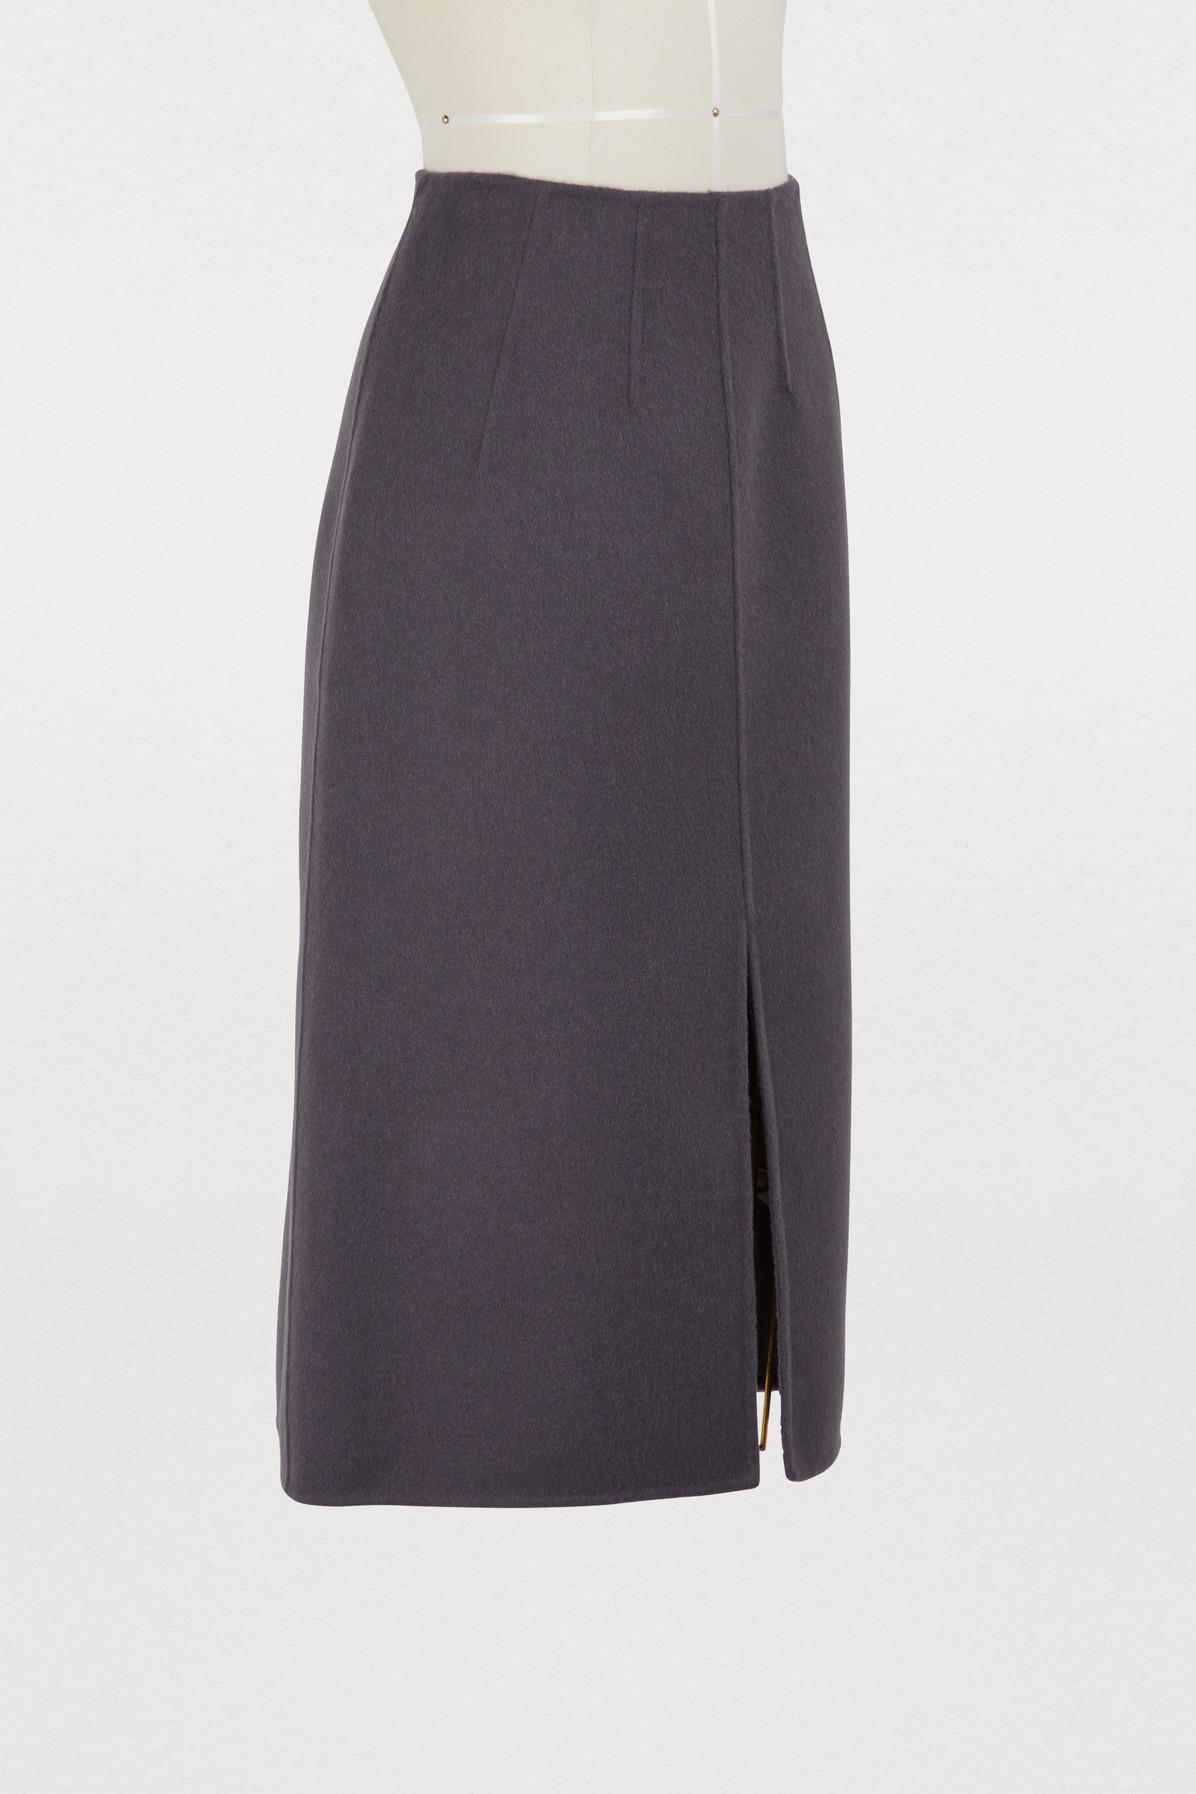 d4e8038e7 Bottega Veneta - Purple Cashmere Straight Skirt - Lyst. View fullscreen